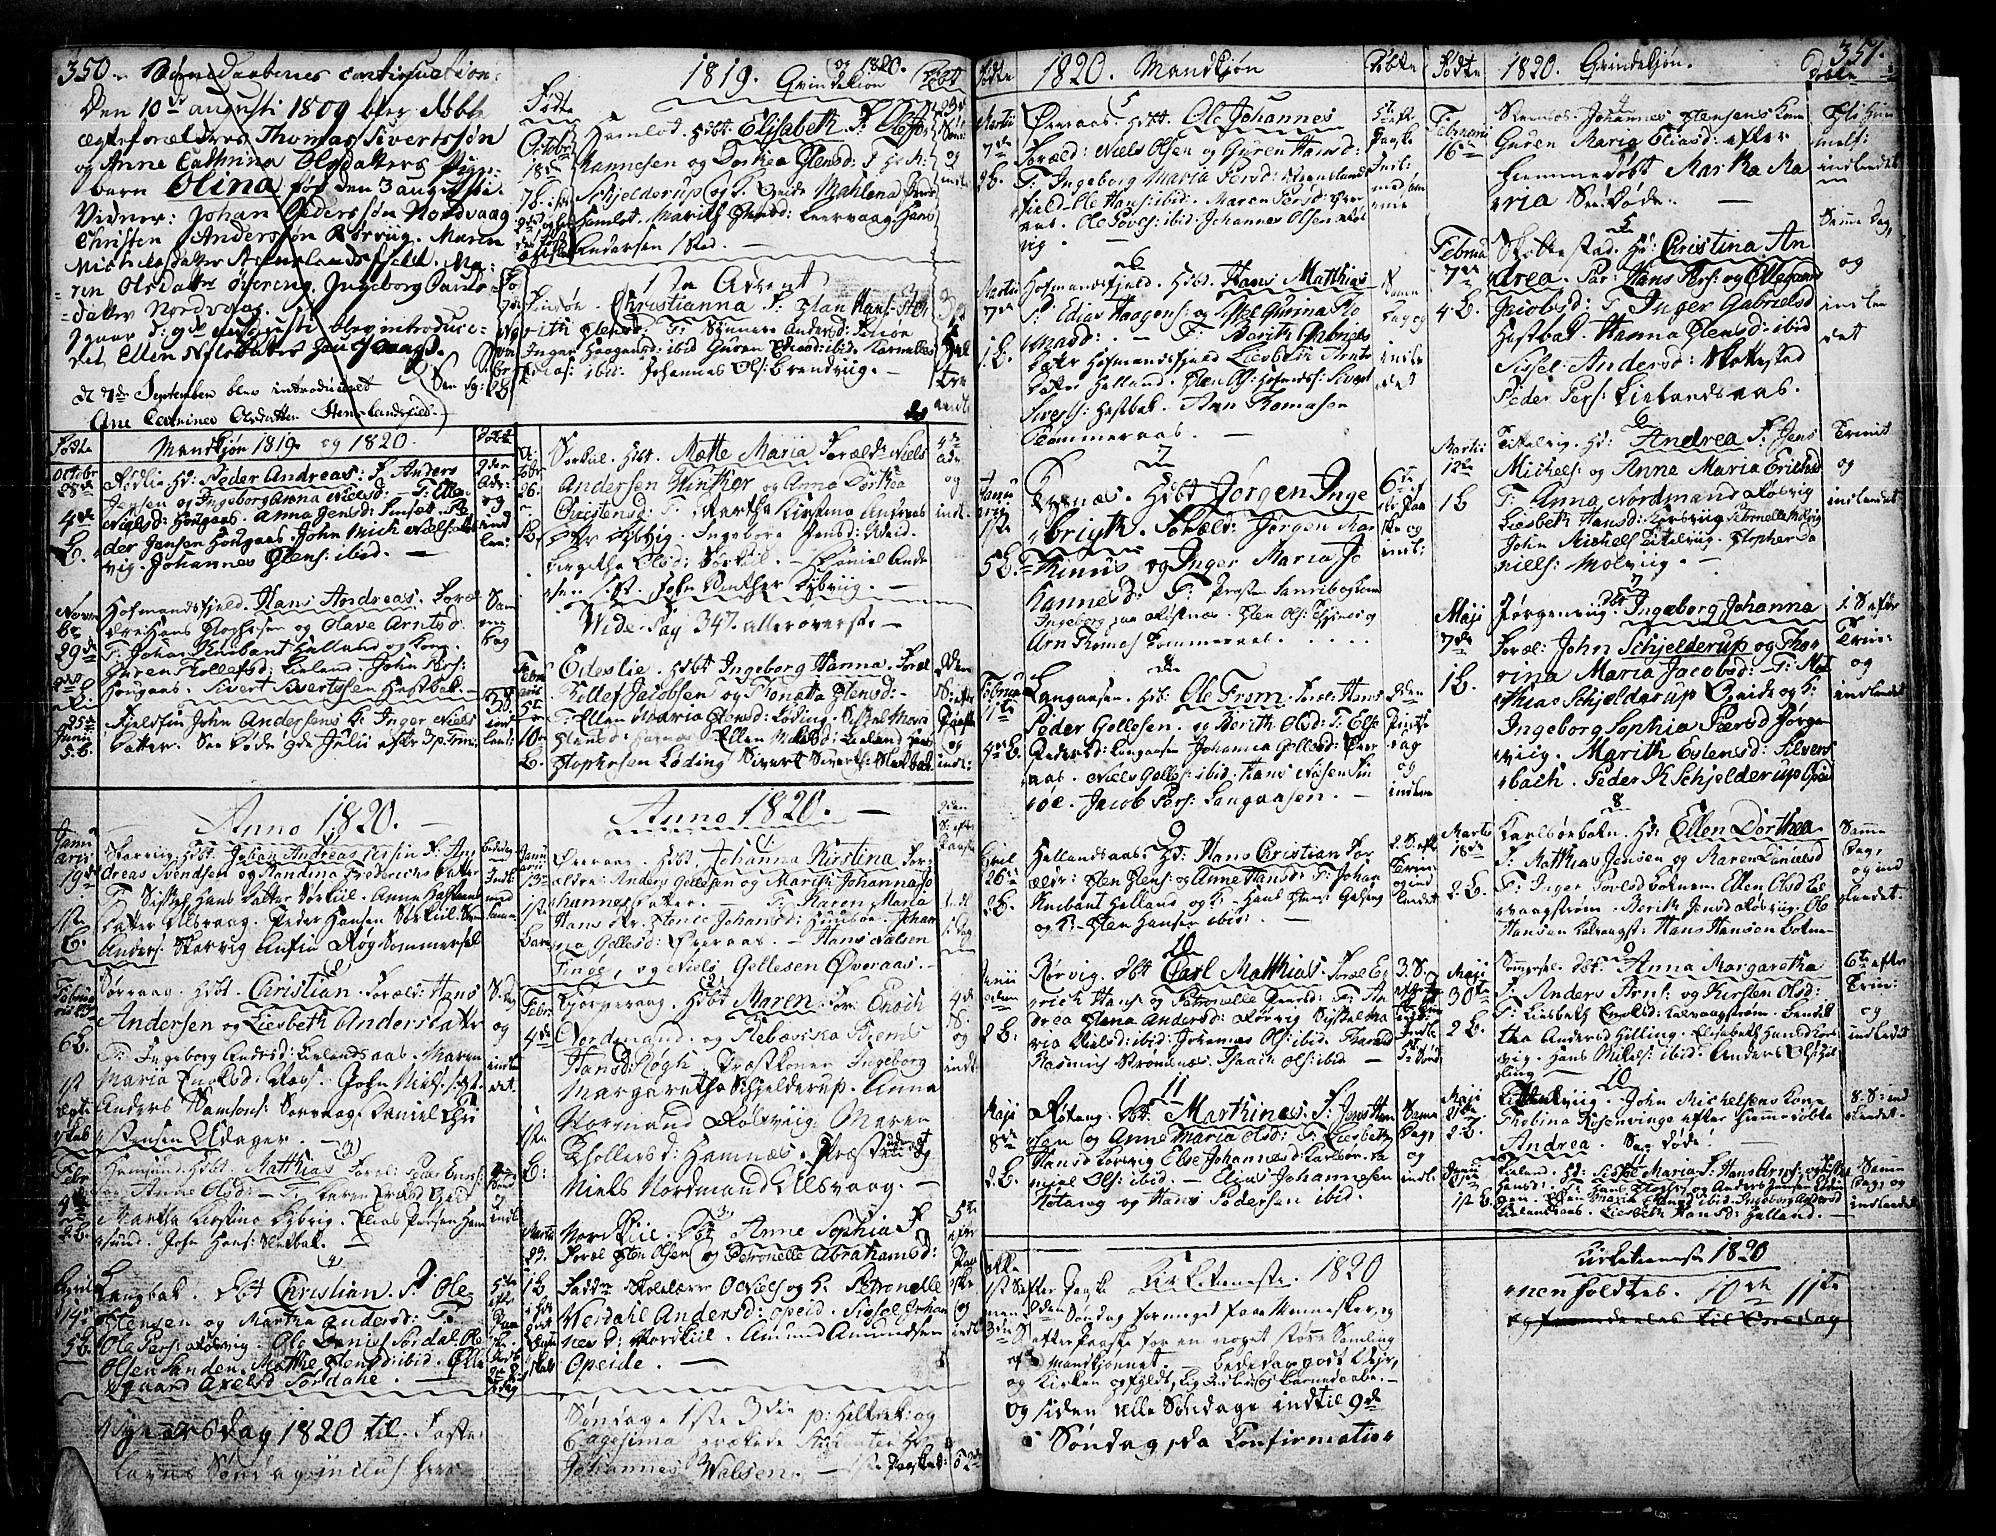 SAT, Ministerialprotokoller, klokkerbøker og fødselsregistre - Nordland, 859/L0841: Parish register (official) no. 859A01, 1766-1821, p. 350-351